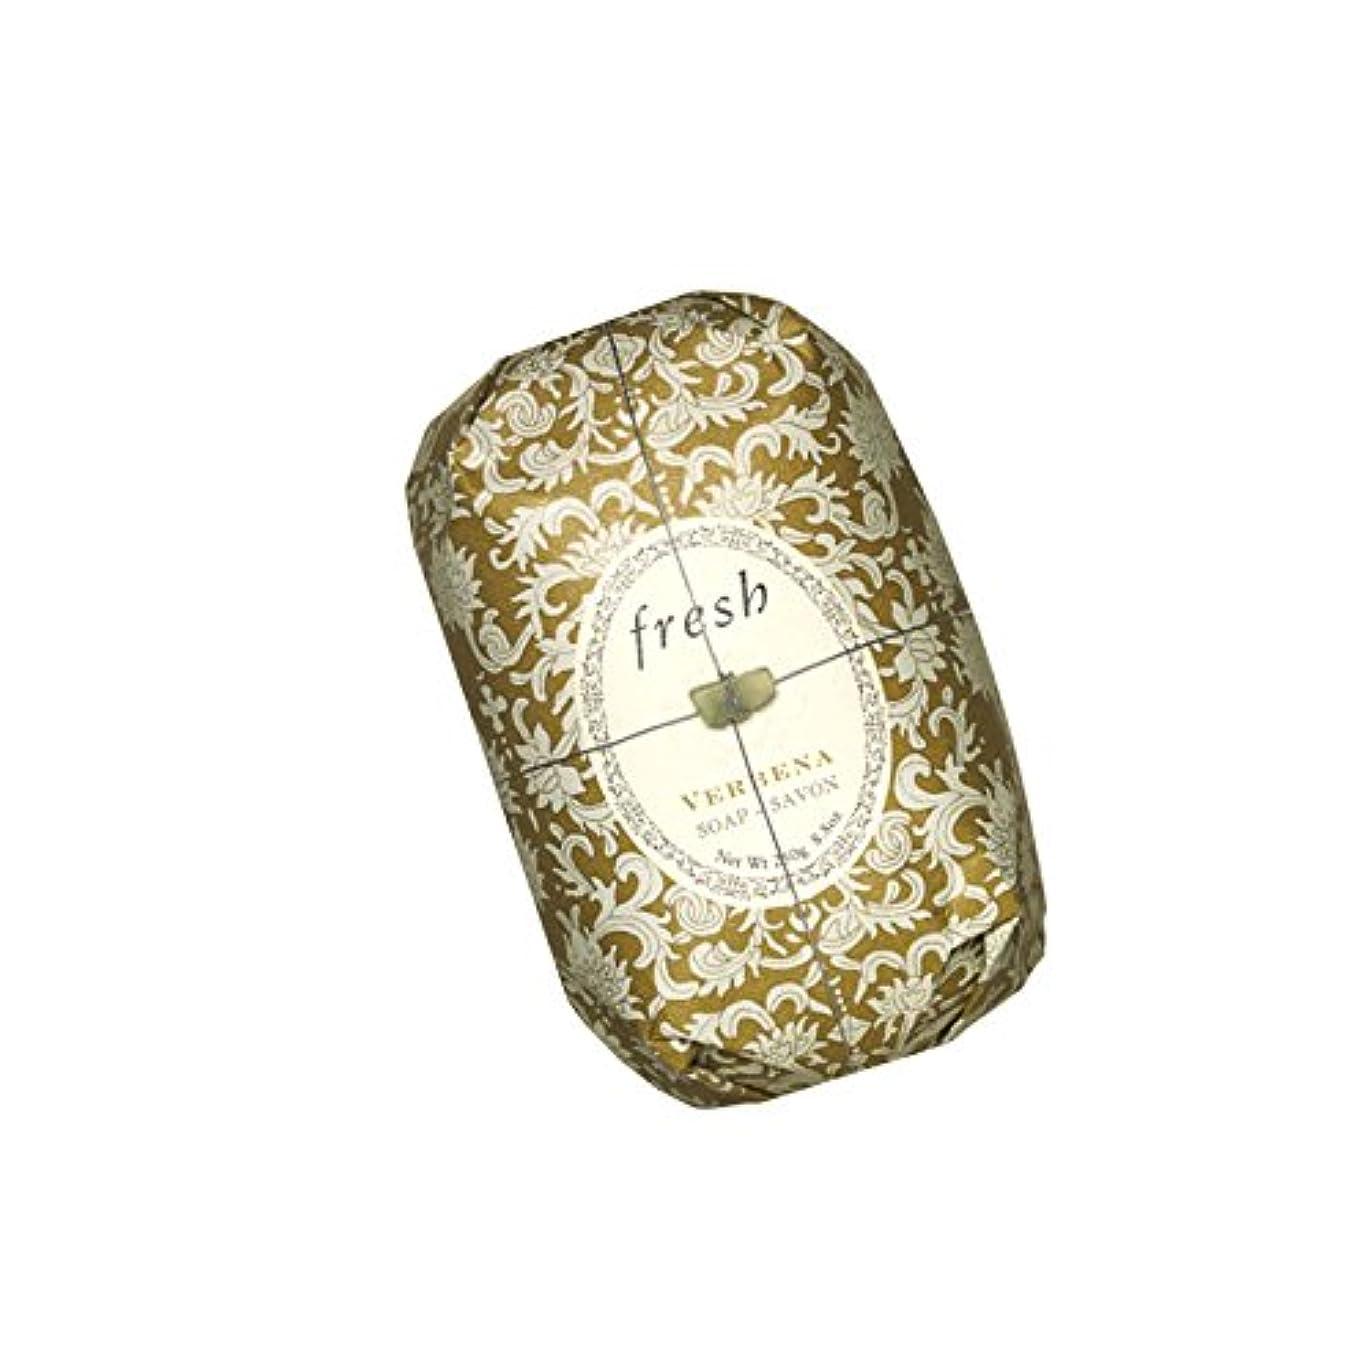 引く従事する舗装Fresh フレッシュ Verbena Soap 石鹸, 250g/8.8oz. [海外直送品] [並行輸入品]